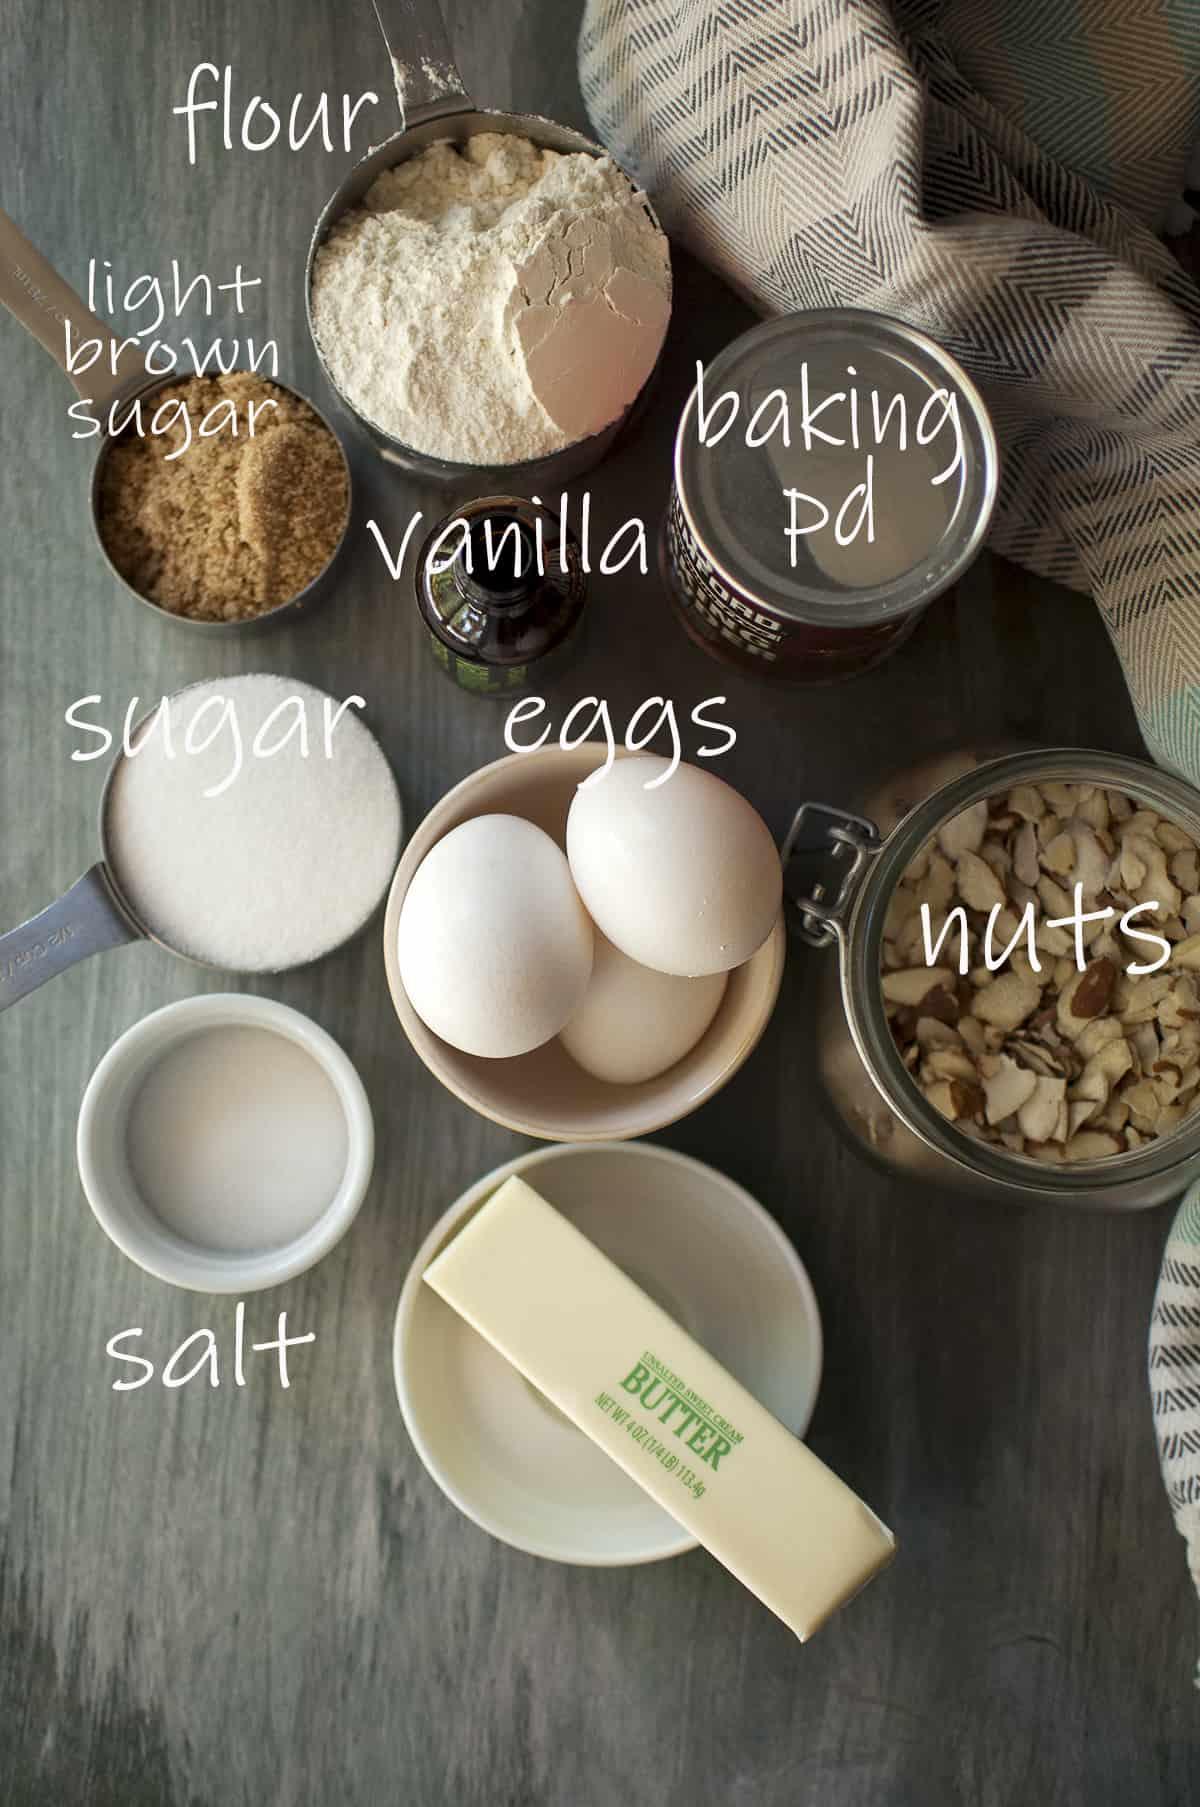 Ingredients needed - flour, baking powder, vanilla, brown sugar, sugar, salt, unsalted butter, eggs, nuts